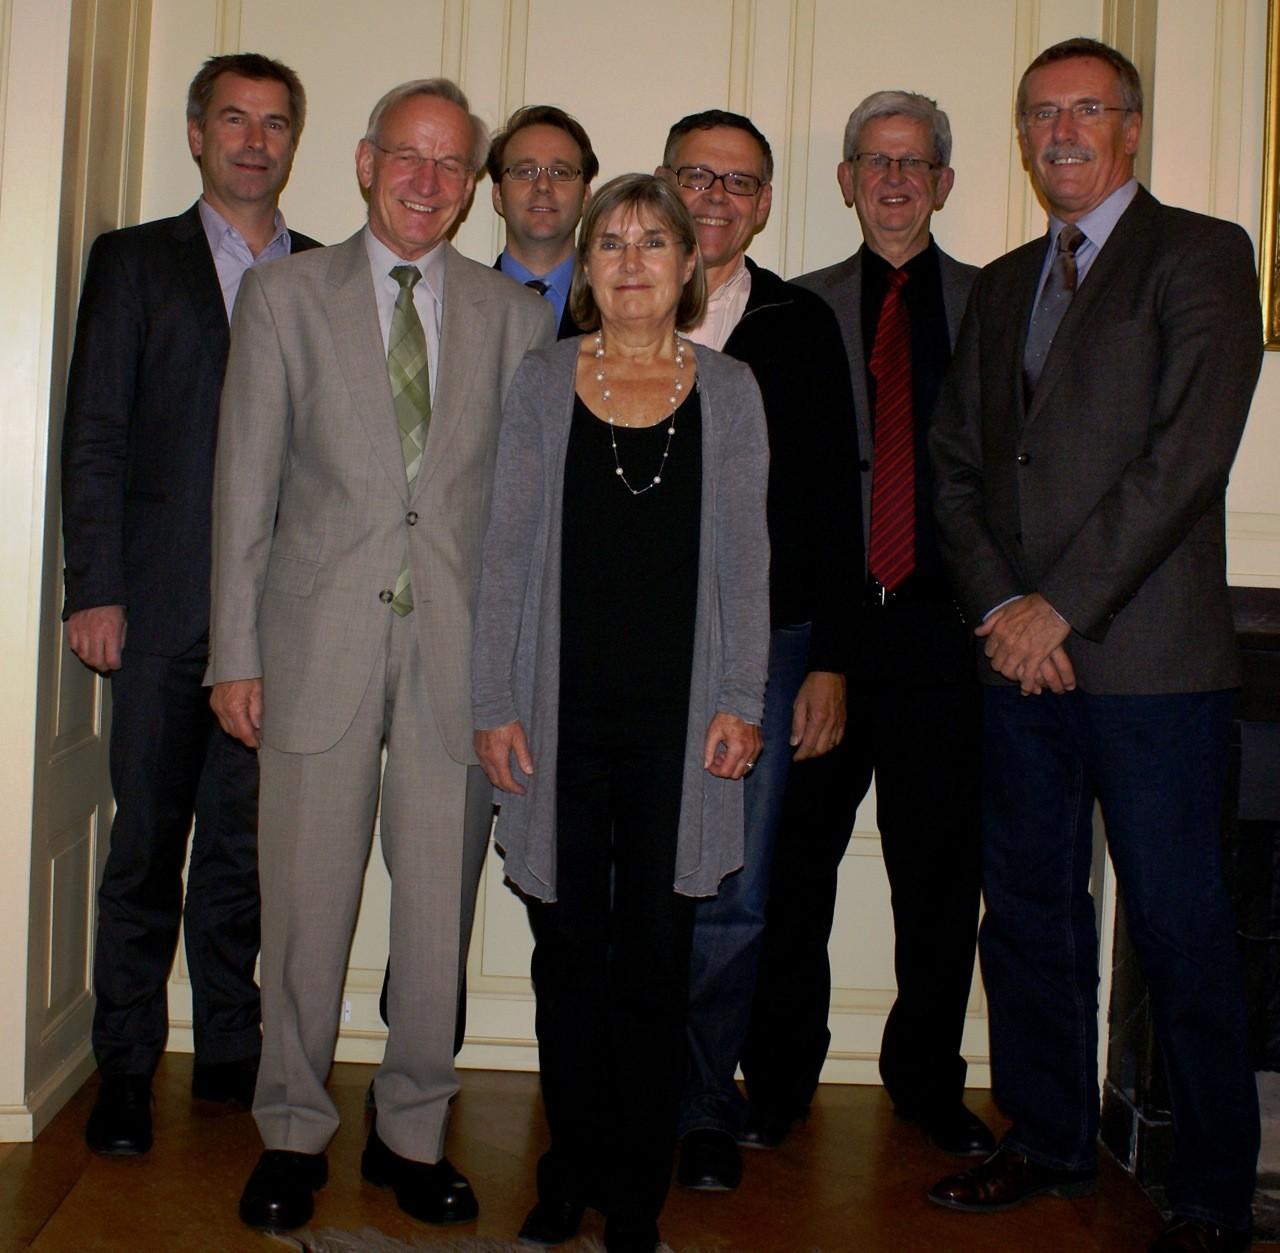 Vorstand 2012: Kuno Schumacher, Hans Hotz, Markus Merz, Lilo Dainese, Urs Bachmann, Magnus Würth (Präsident),  Dölf Pfister